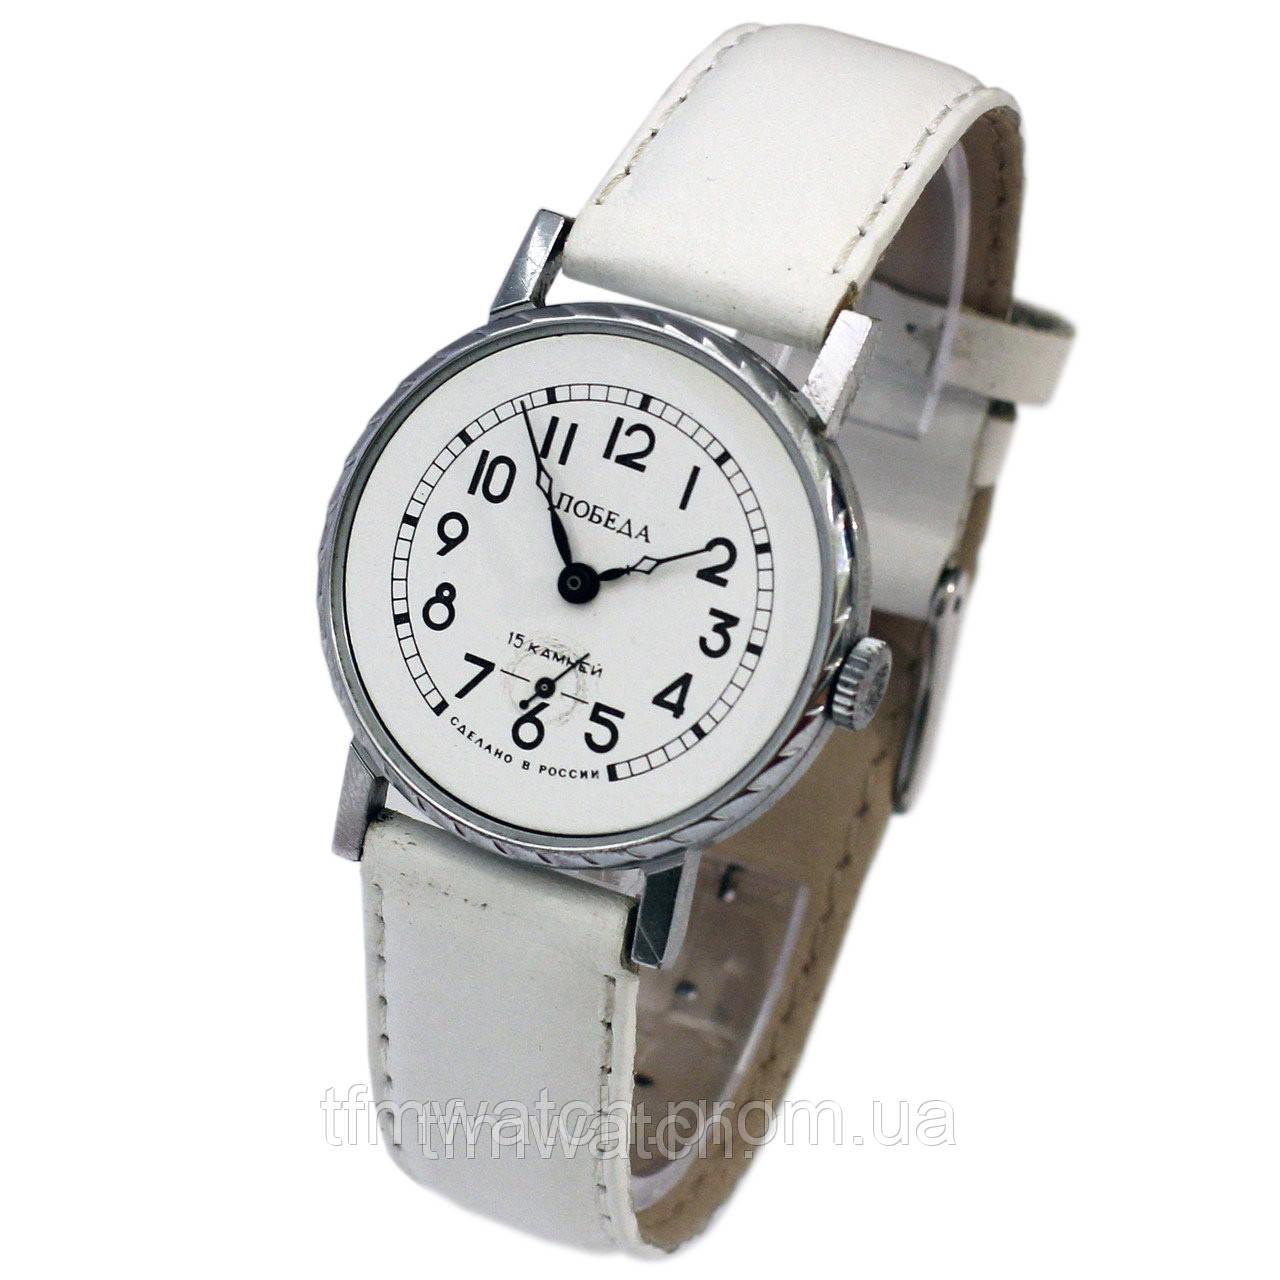 6a3c7b4d Часы Победа 15 камней - Магазин старинных, винтажных и антикварных часов  TFMwatch в России